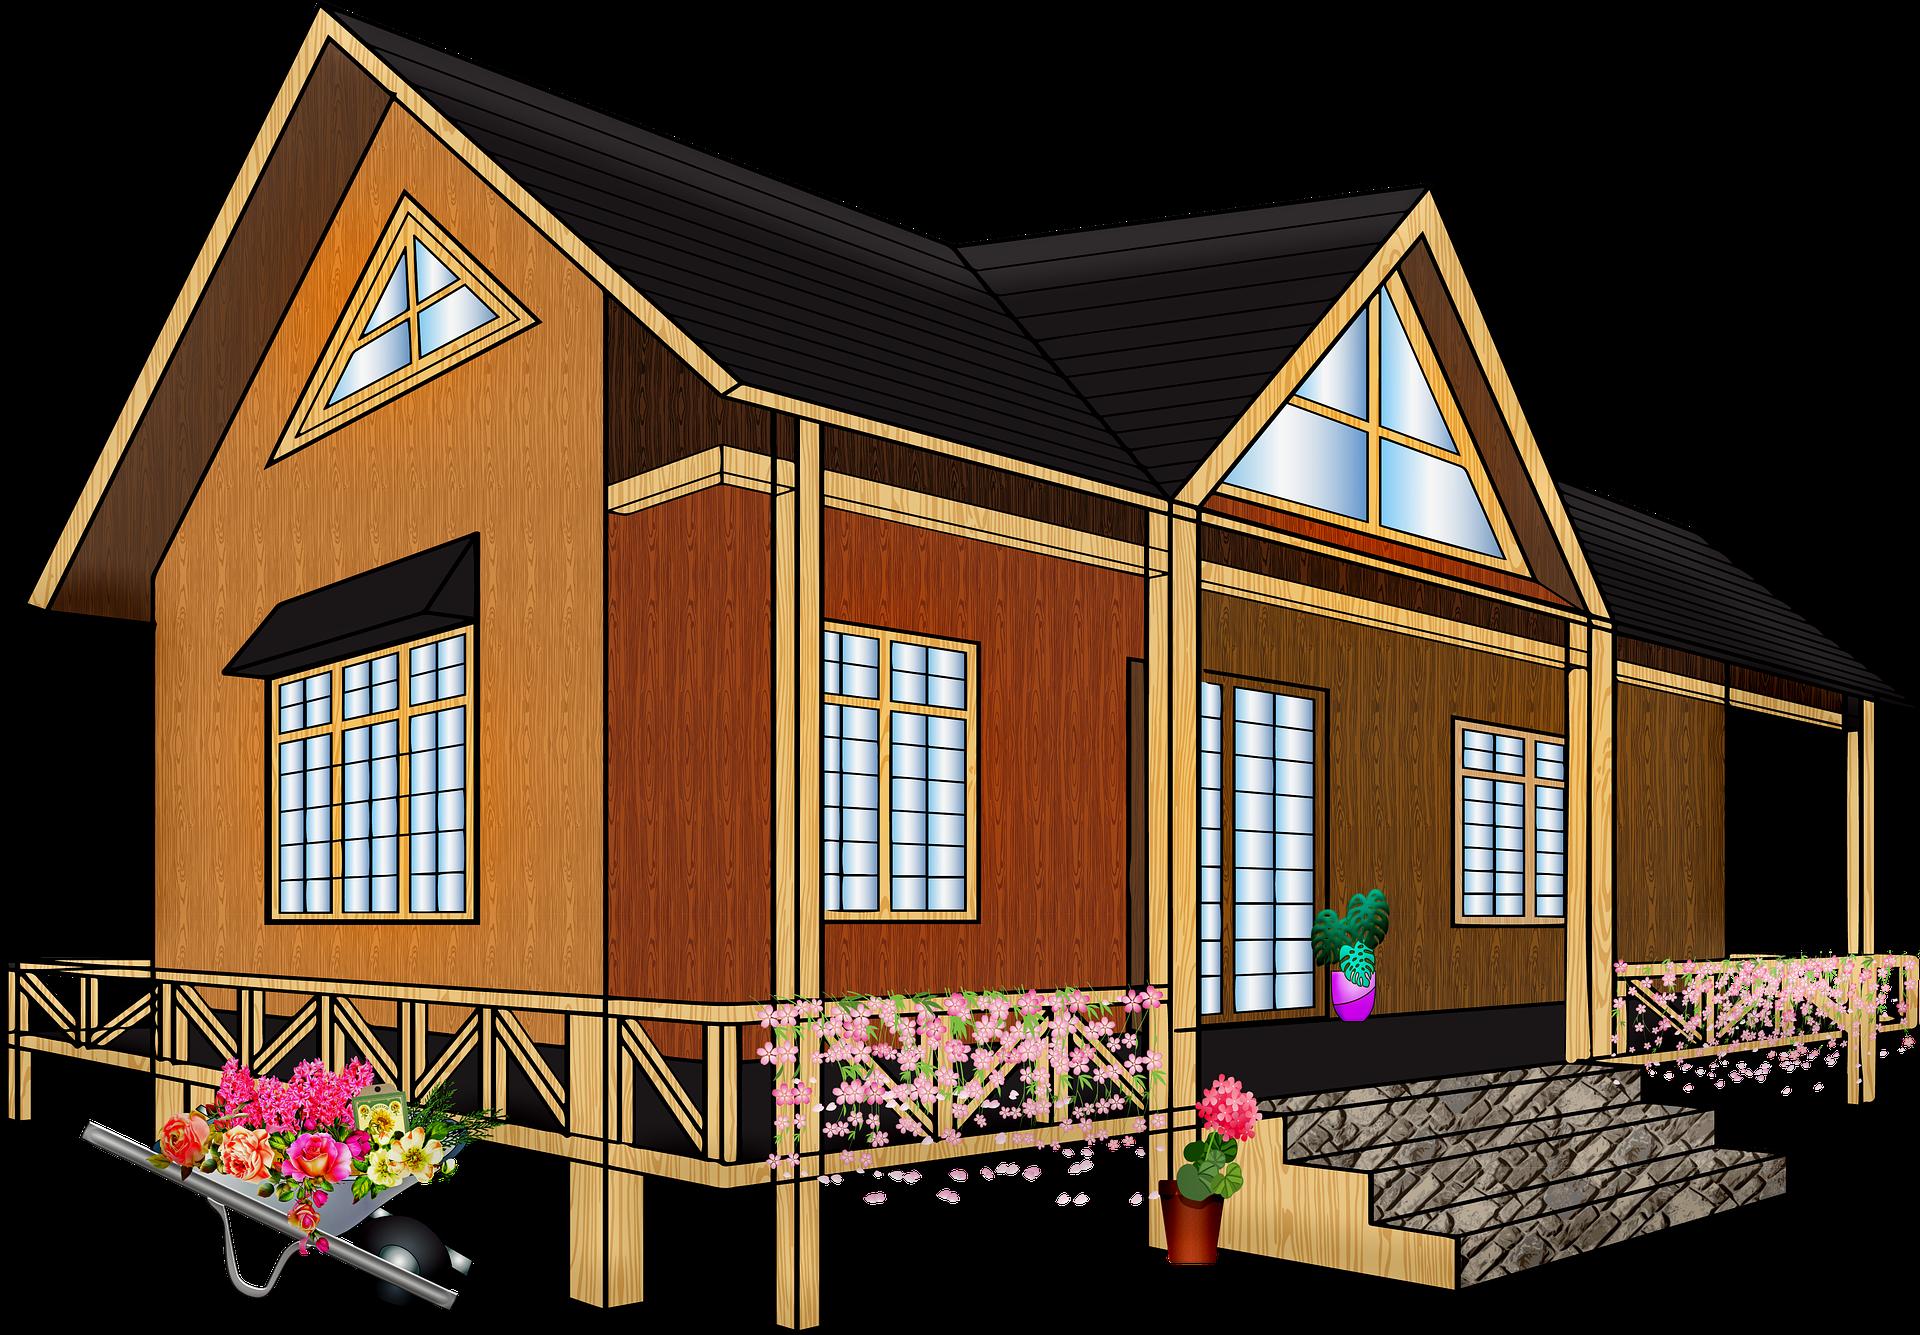 山口県のハウスメーカー「銘建」の家造りとそれがもたらす安心感